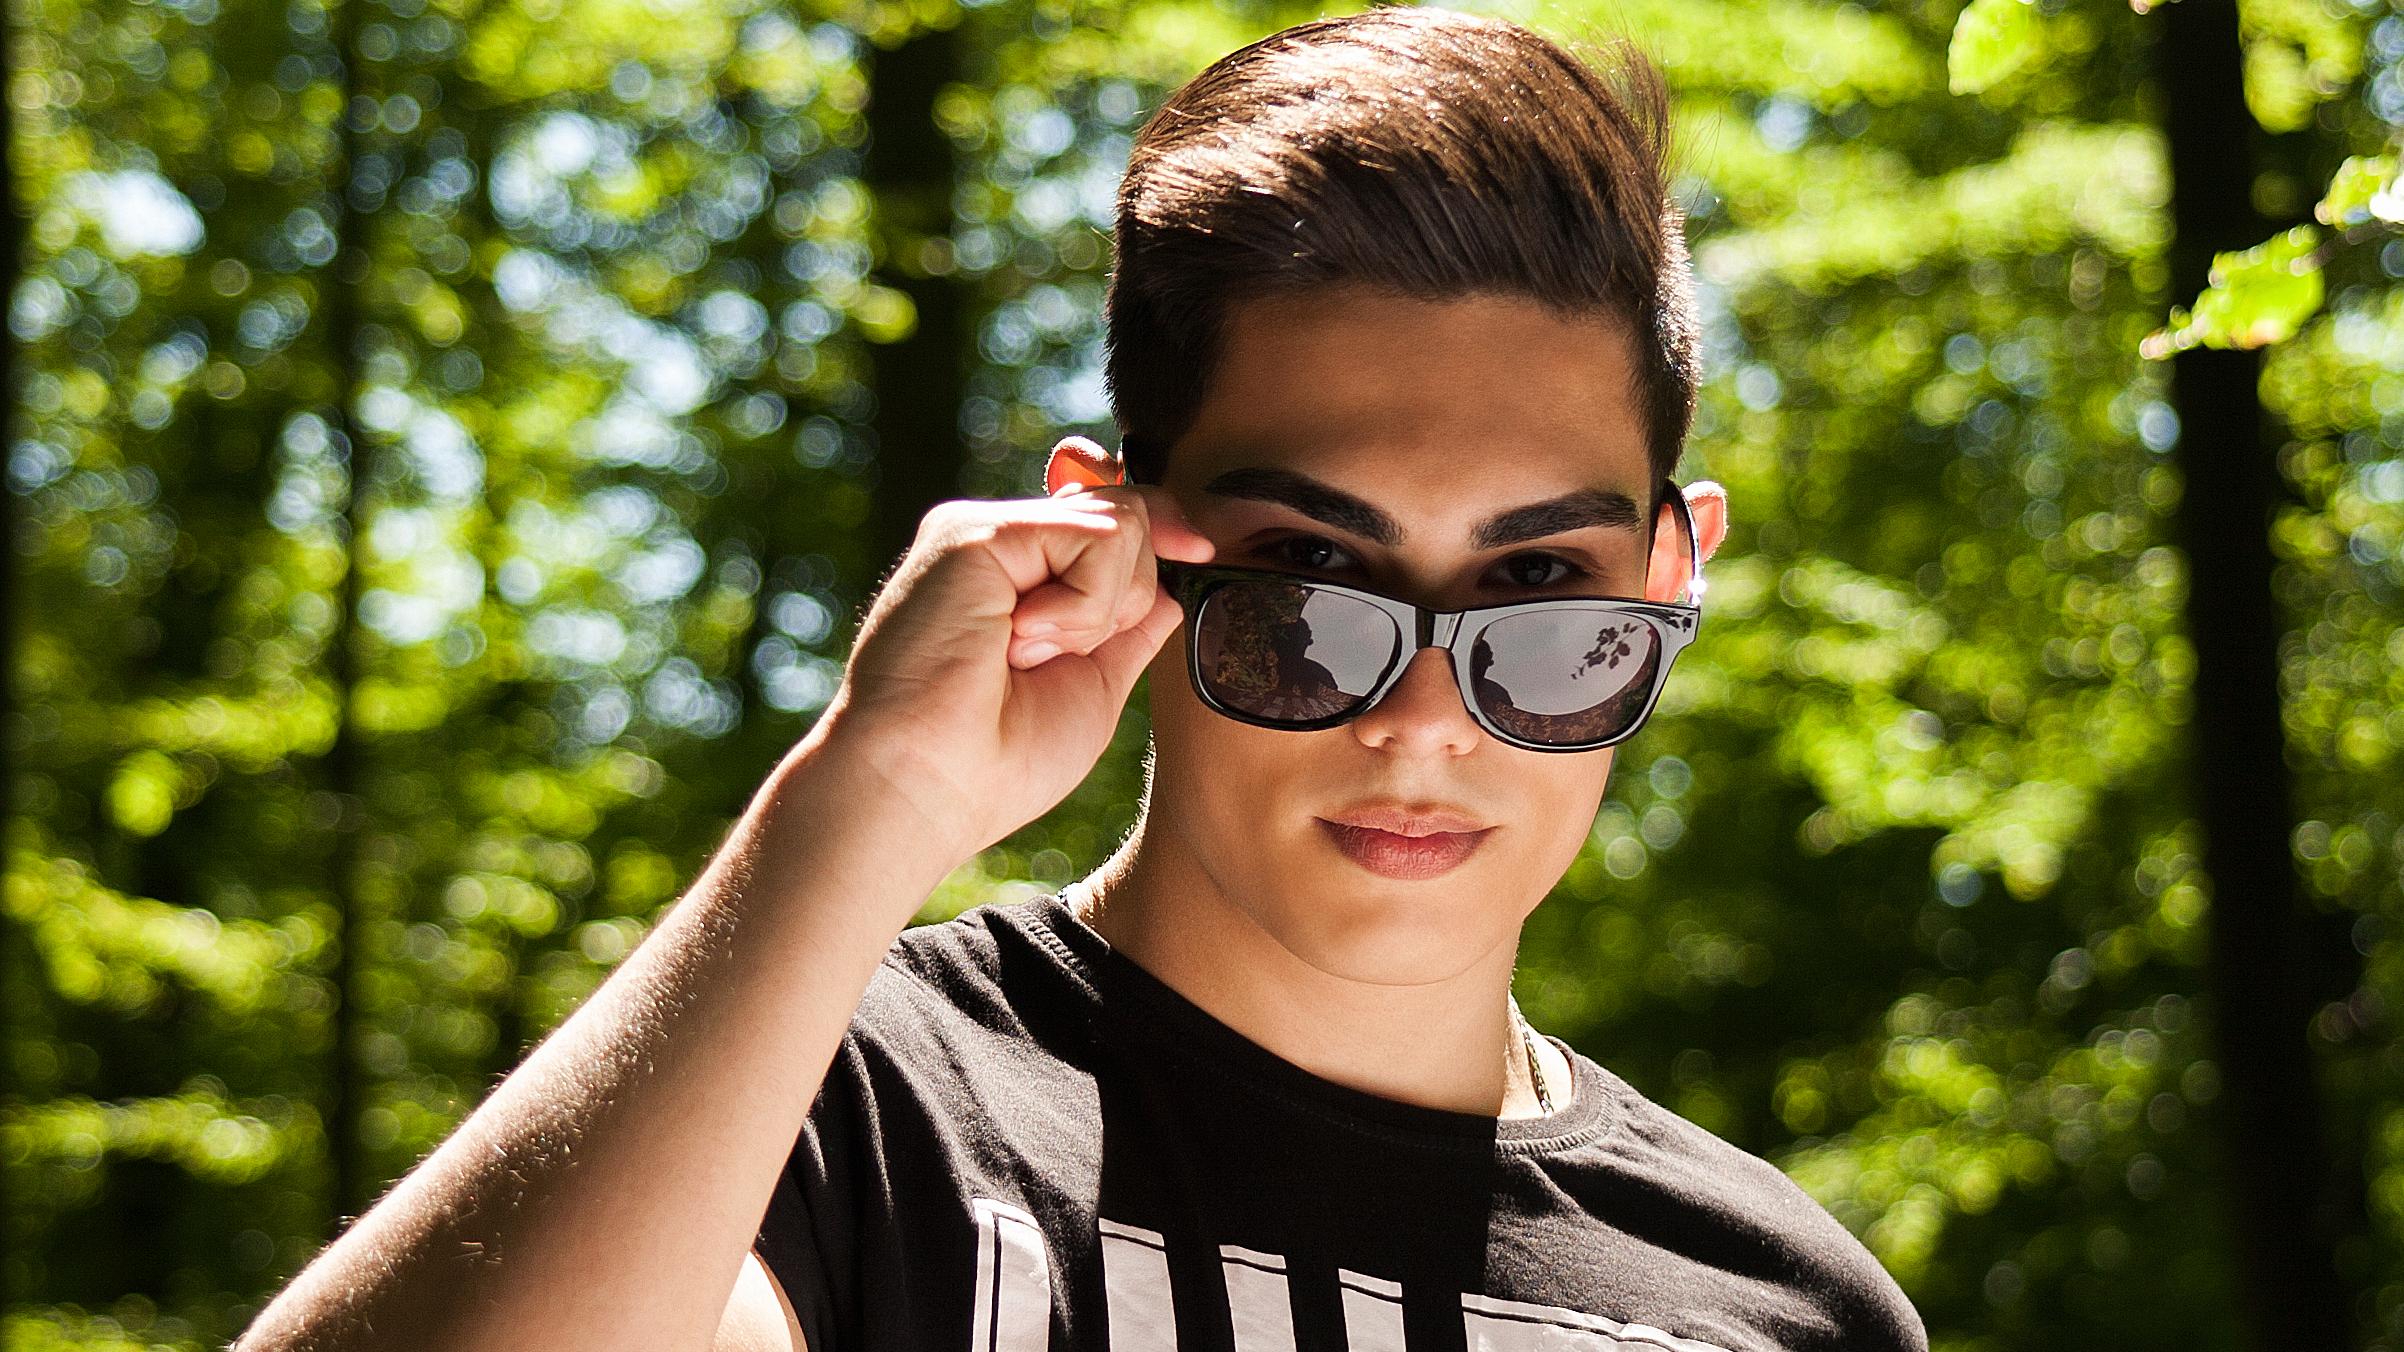 vermarktung sonnenbrille